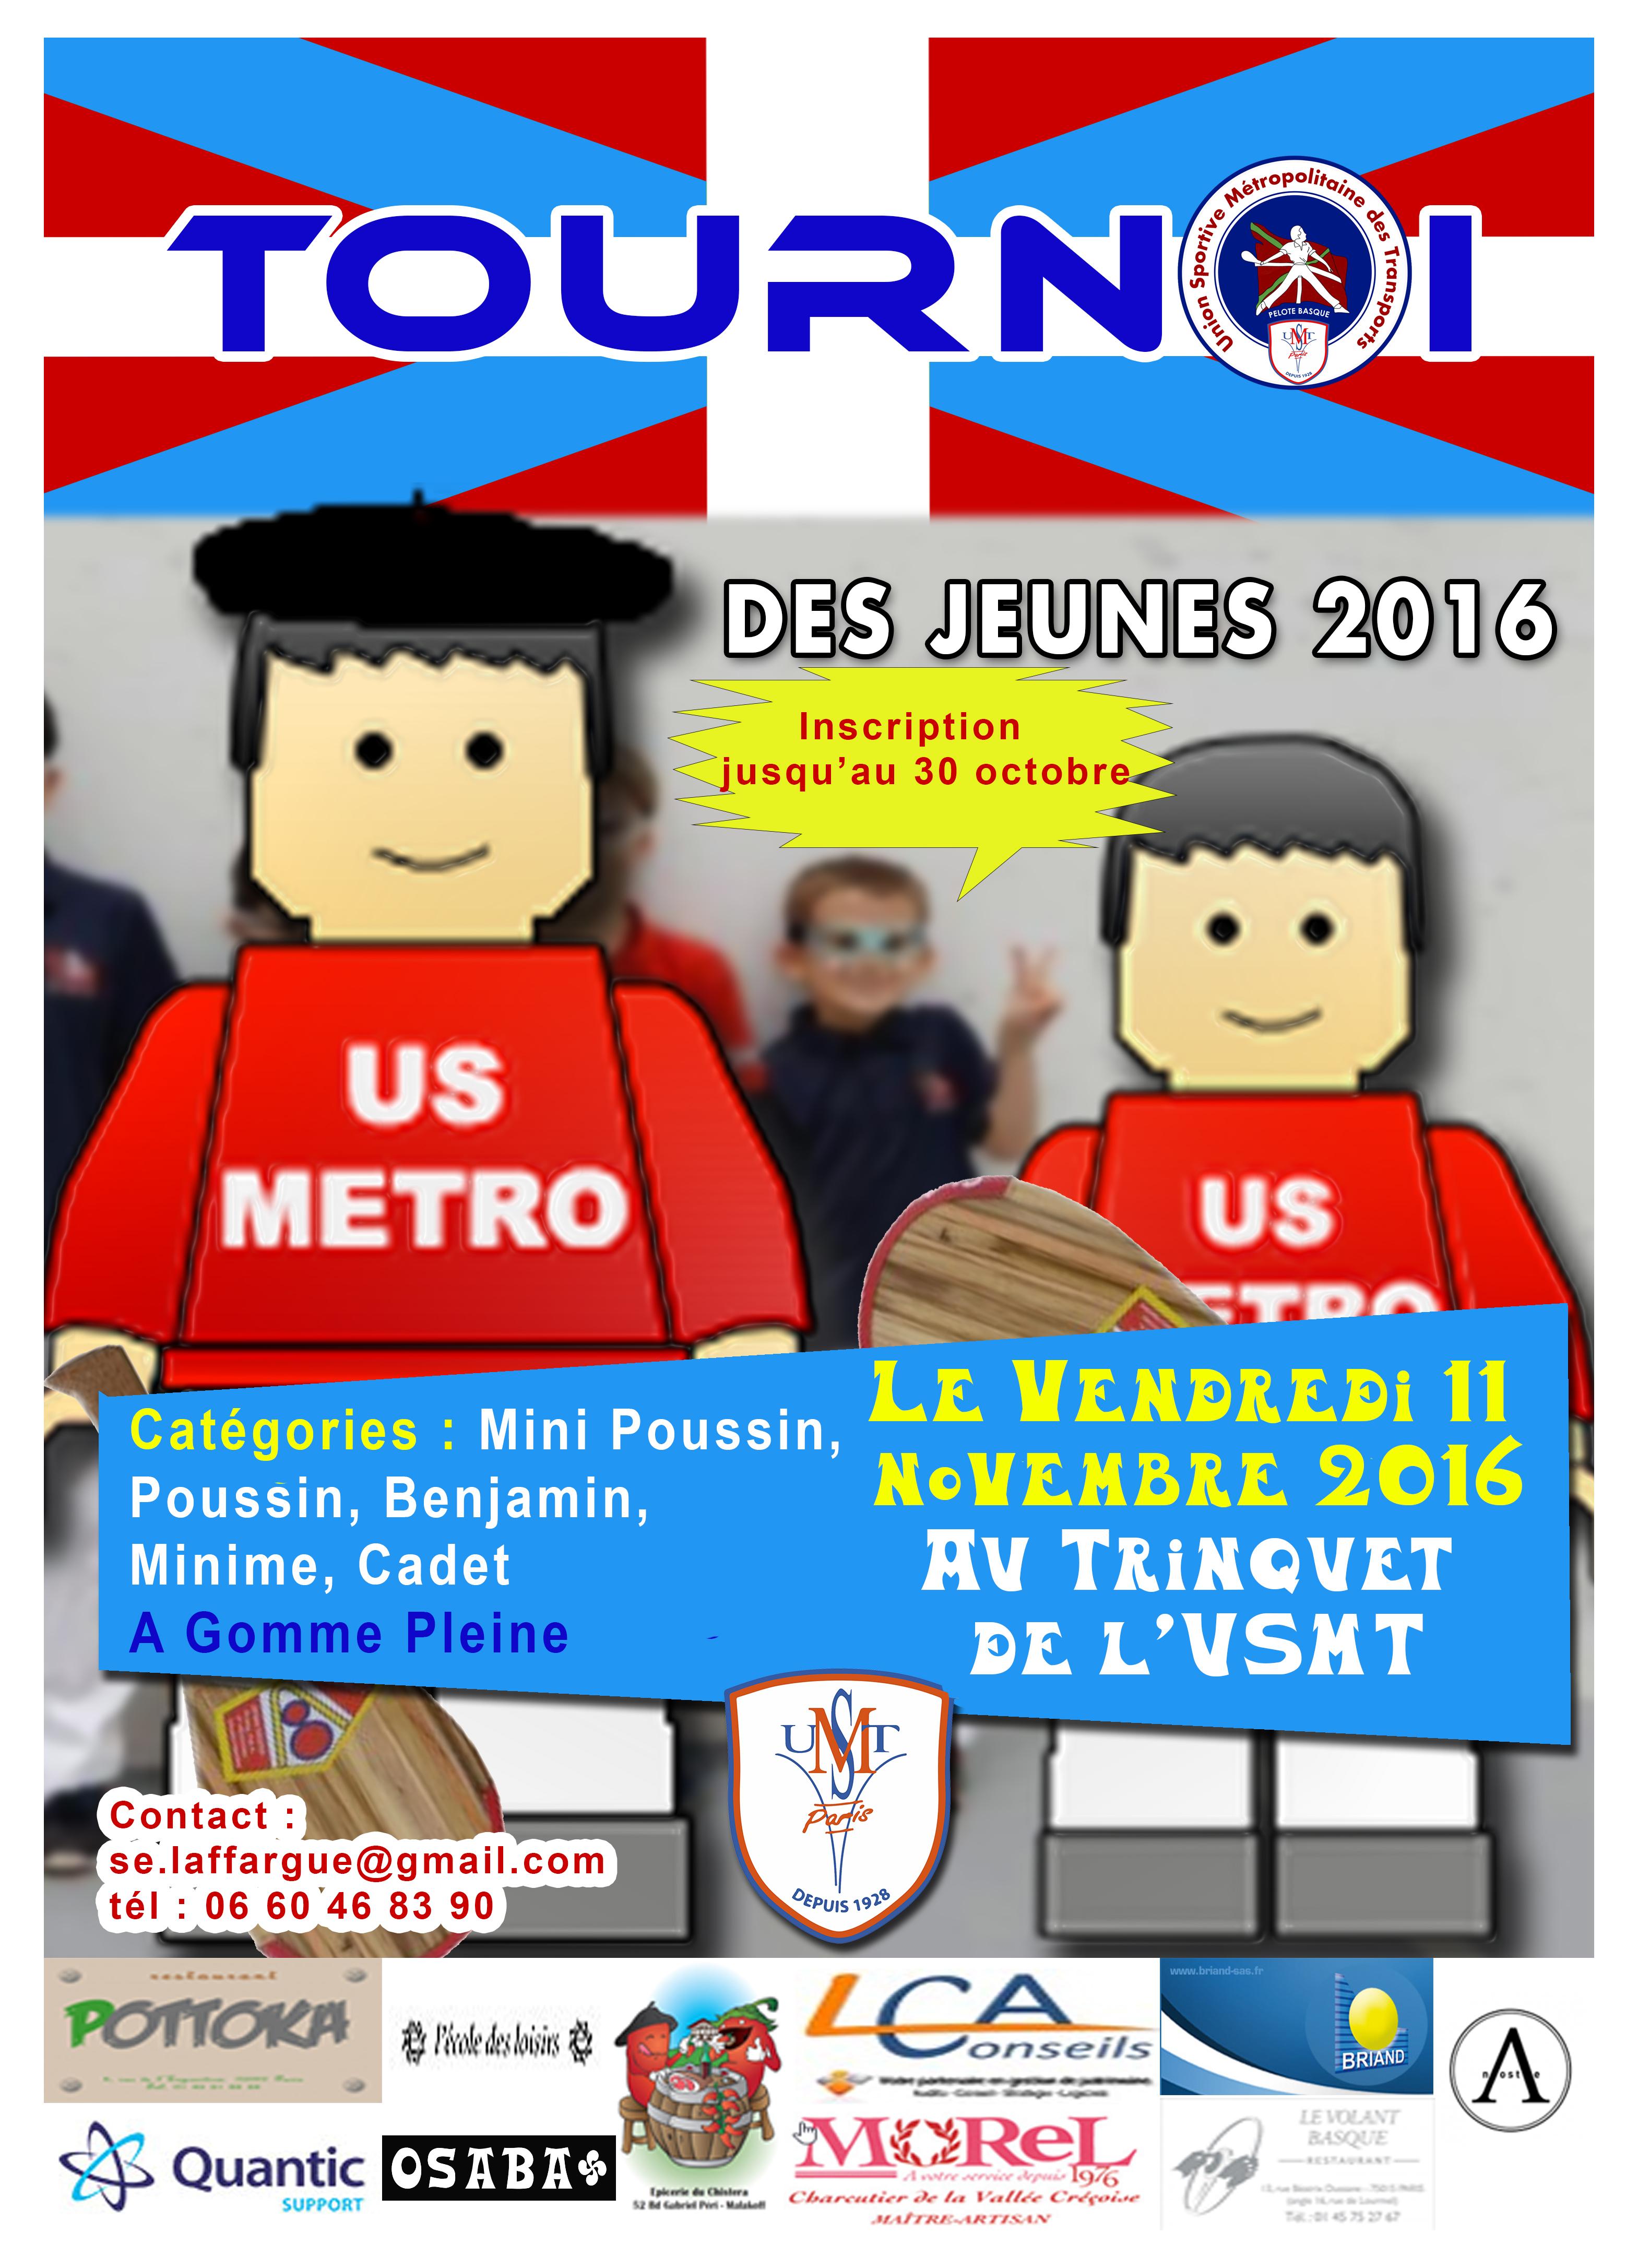 tournoi-des-jeunes2016gpversion2